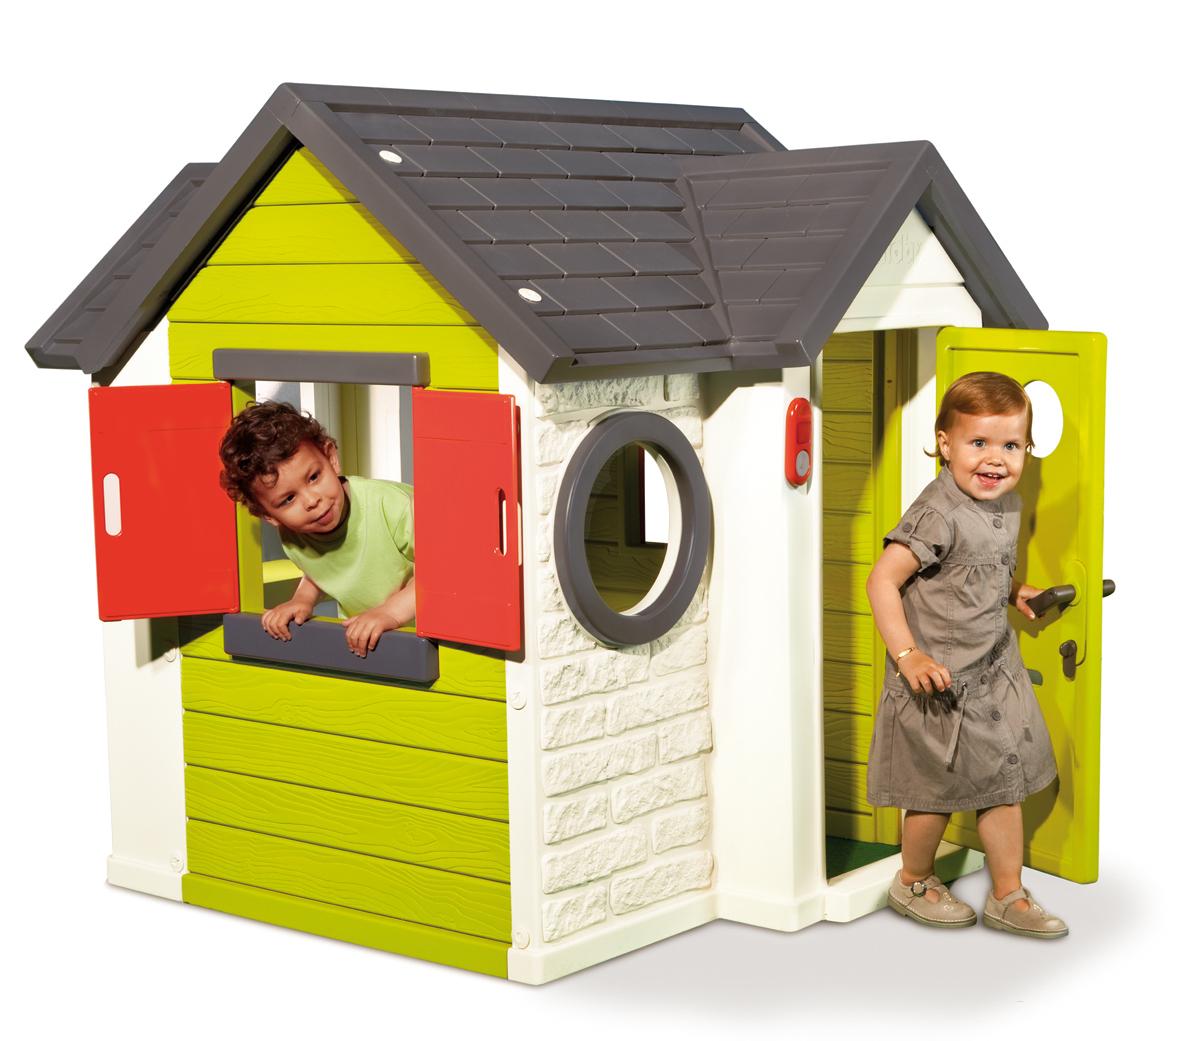 Maison De Jardin Smoby - L'univers Du Bébé serapportantà Maison Bebe Jardin